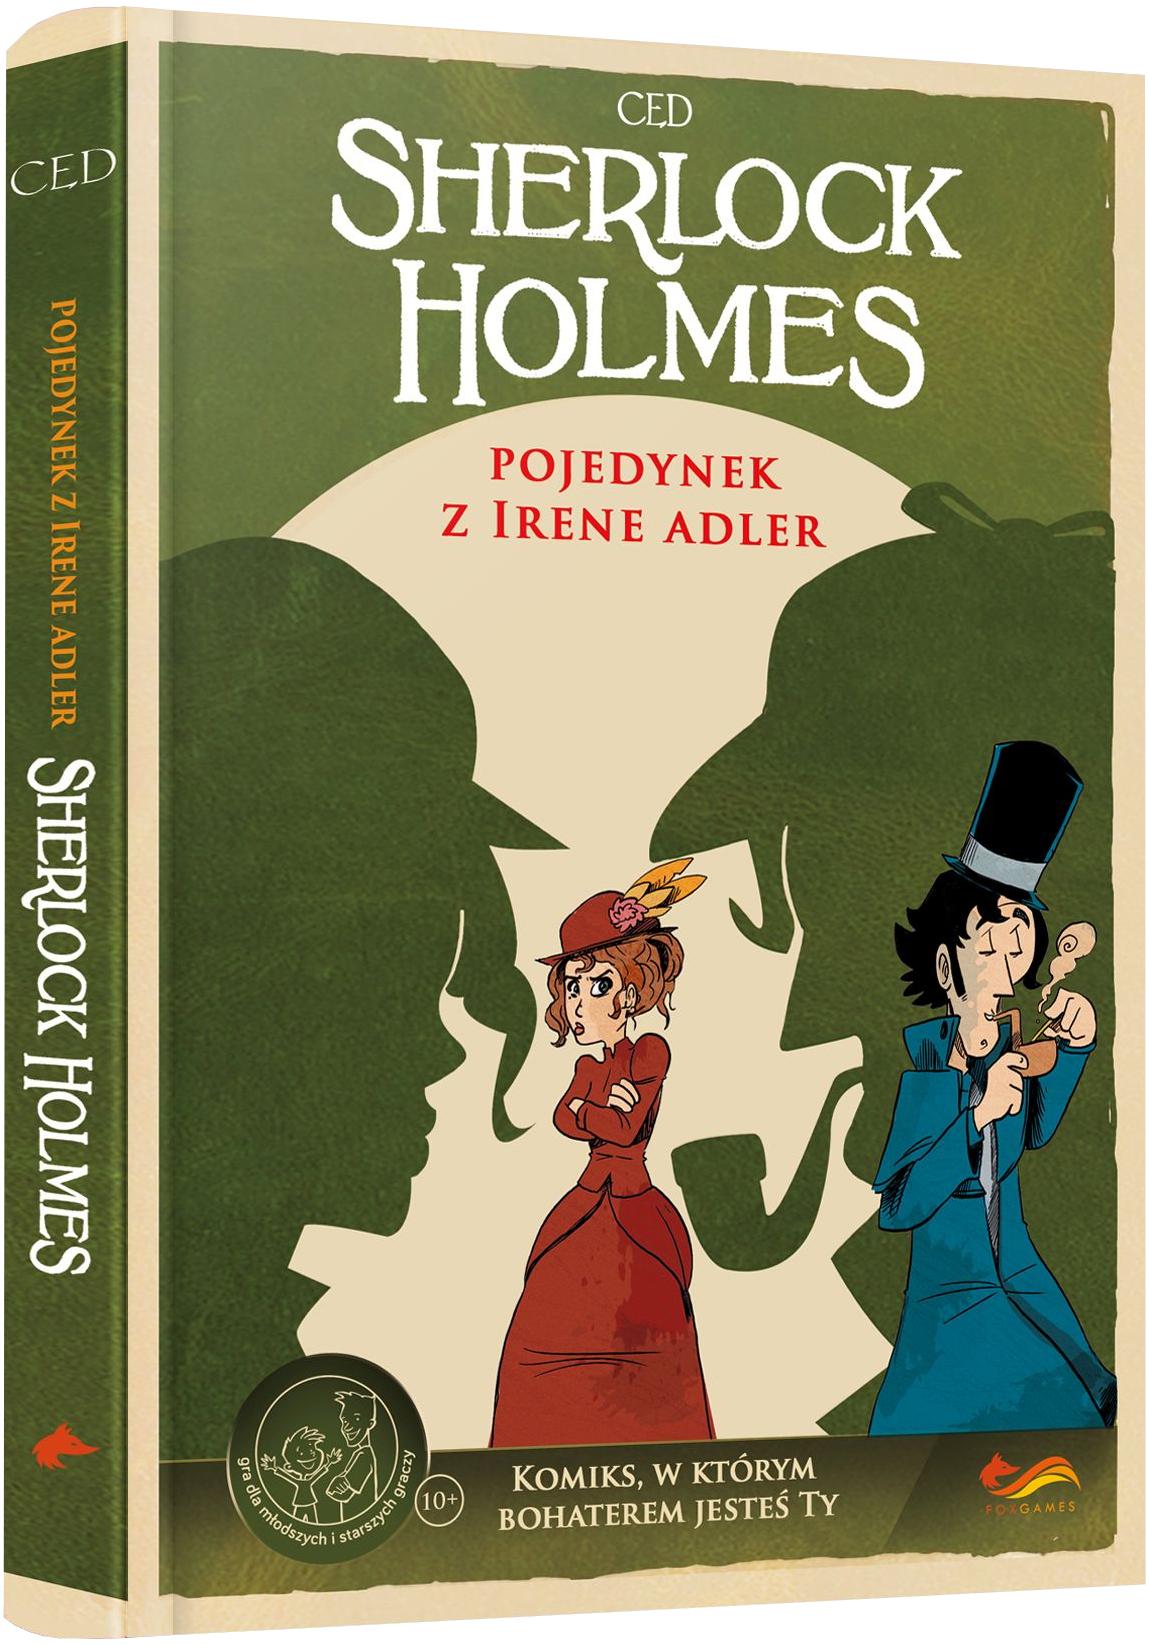 Sherlock Holmes - Pojedynek z Irene Adler (Gra paragrafowa )